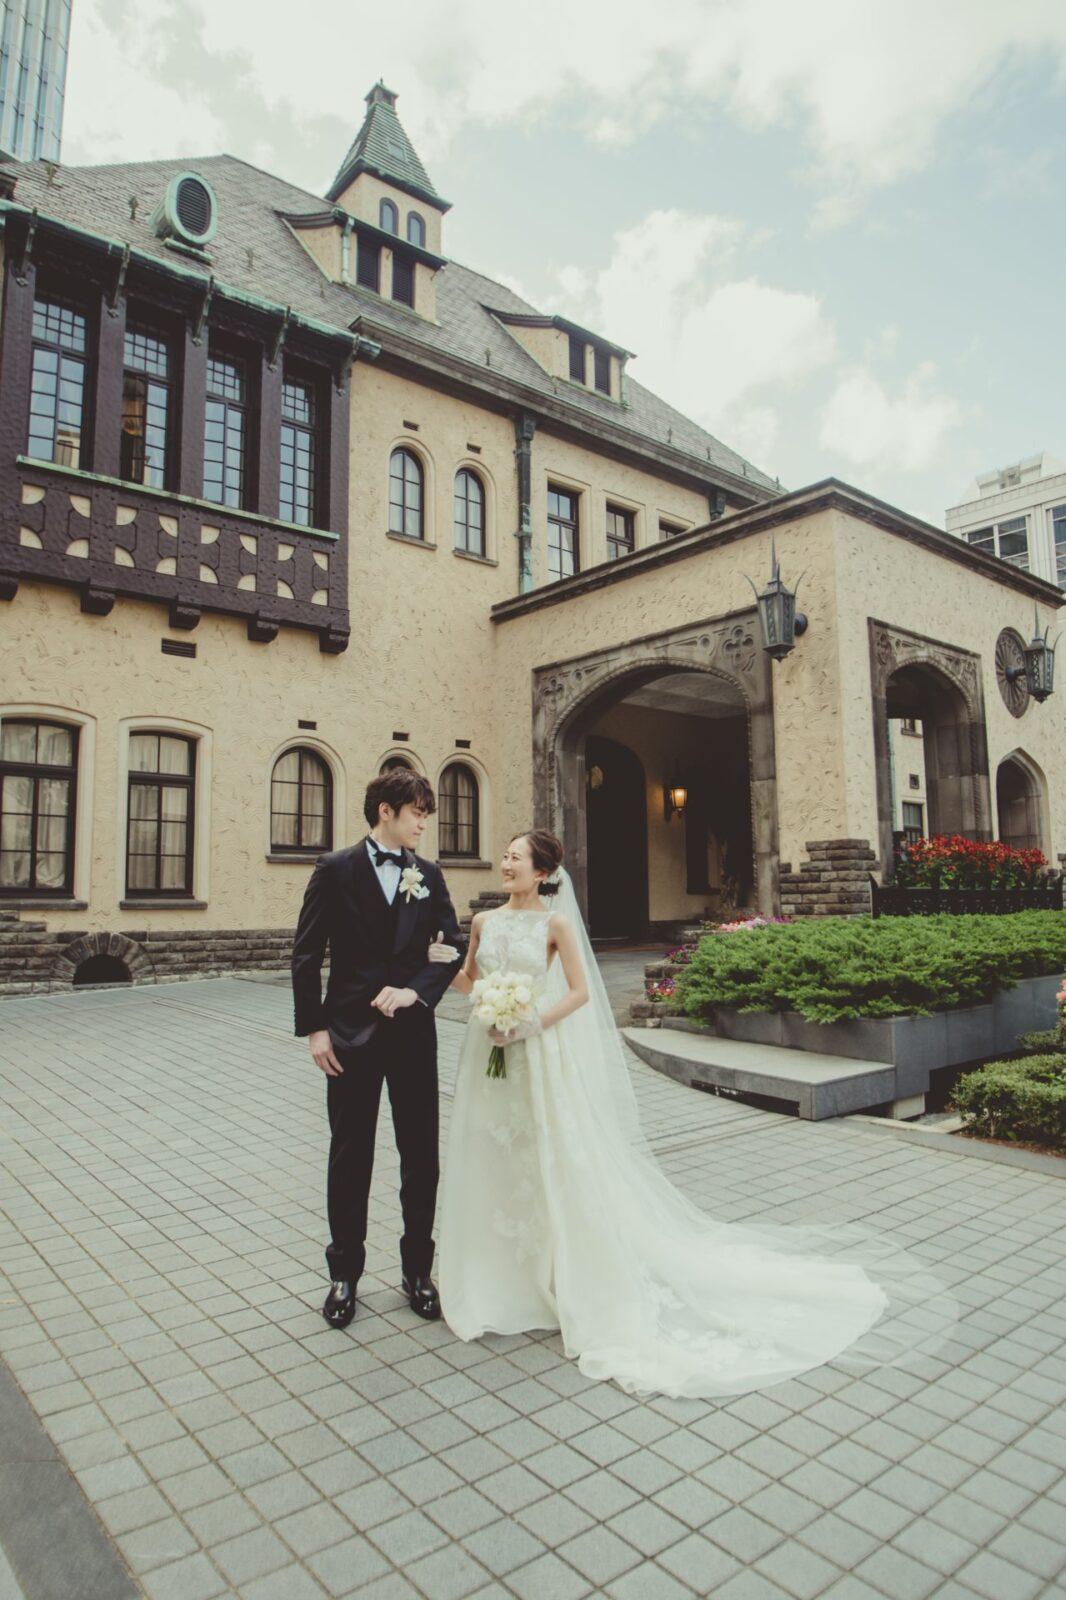 赤坂プリンスクラシックハウスにて、ザ・トリート・ドレッシング アディション店で取り扱うインポートブランド エリーサーブのAラインのウェディングドレスを身に纏ったおしゃれ花嫁様の挙式レポートです